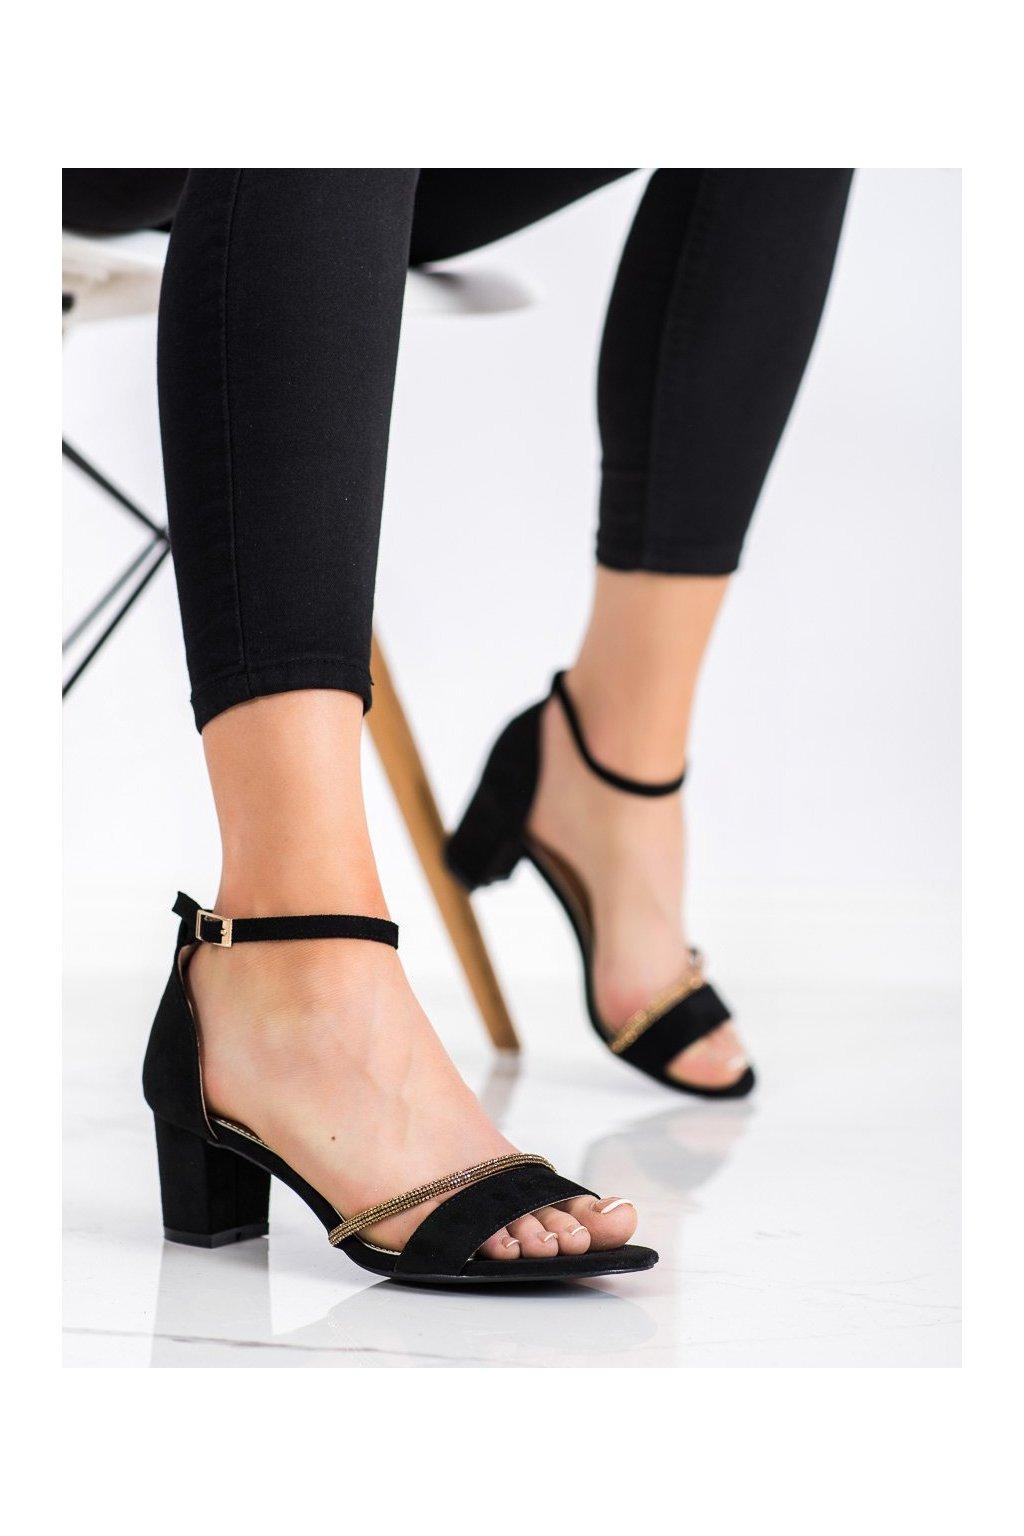 Čierne sandále Goodin kod GD-XR-204B/GO